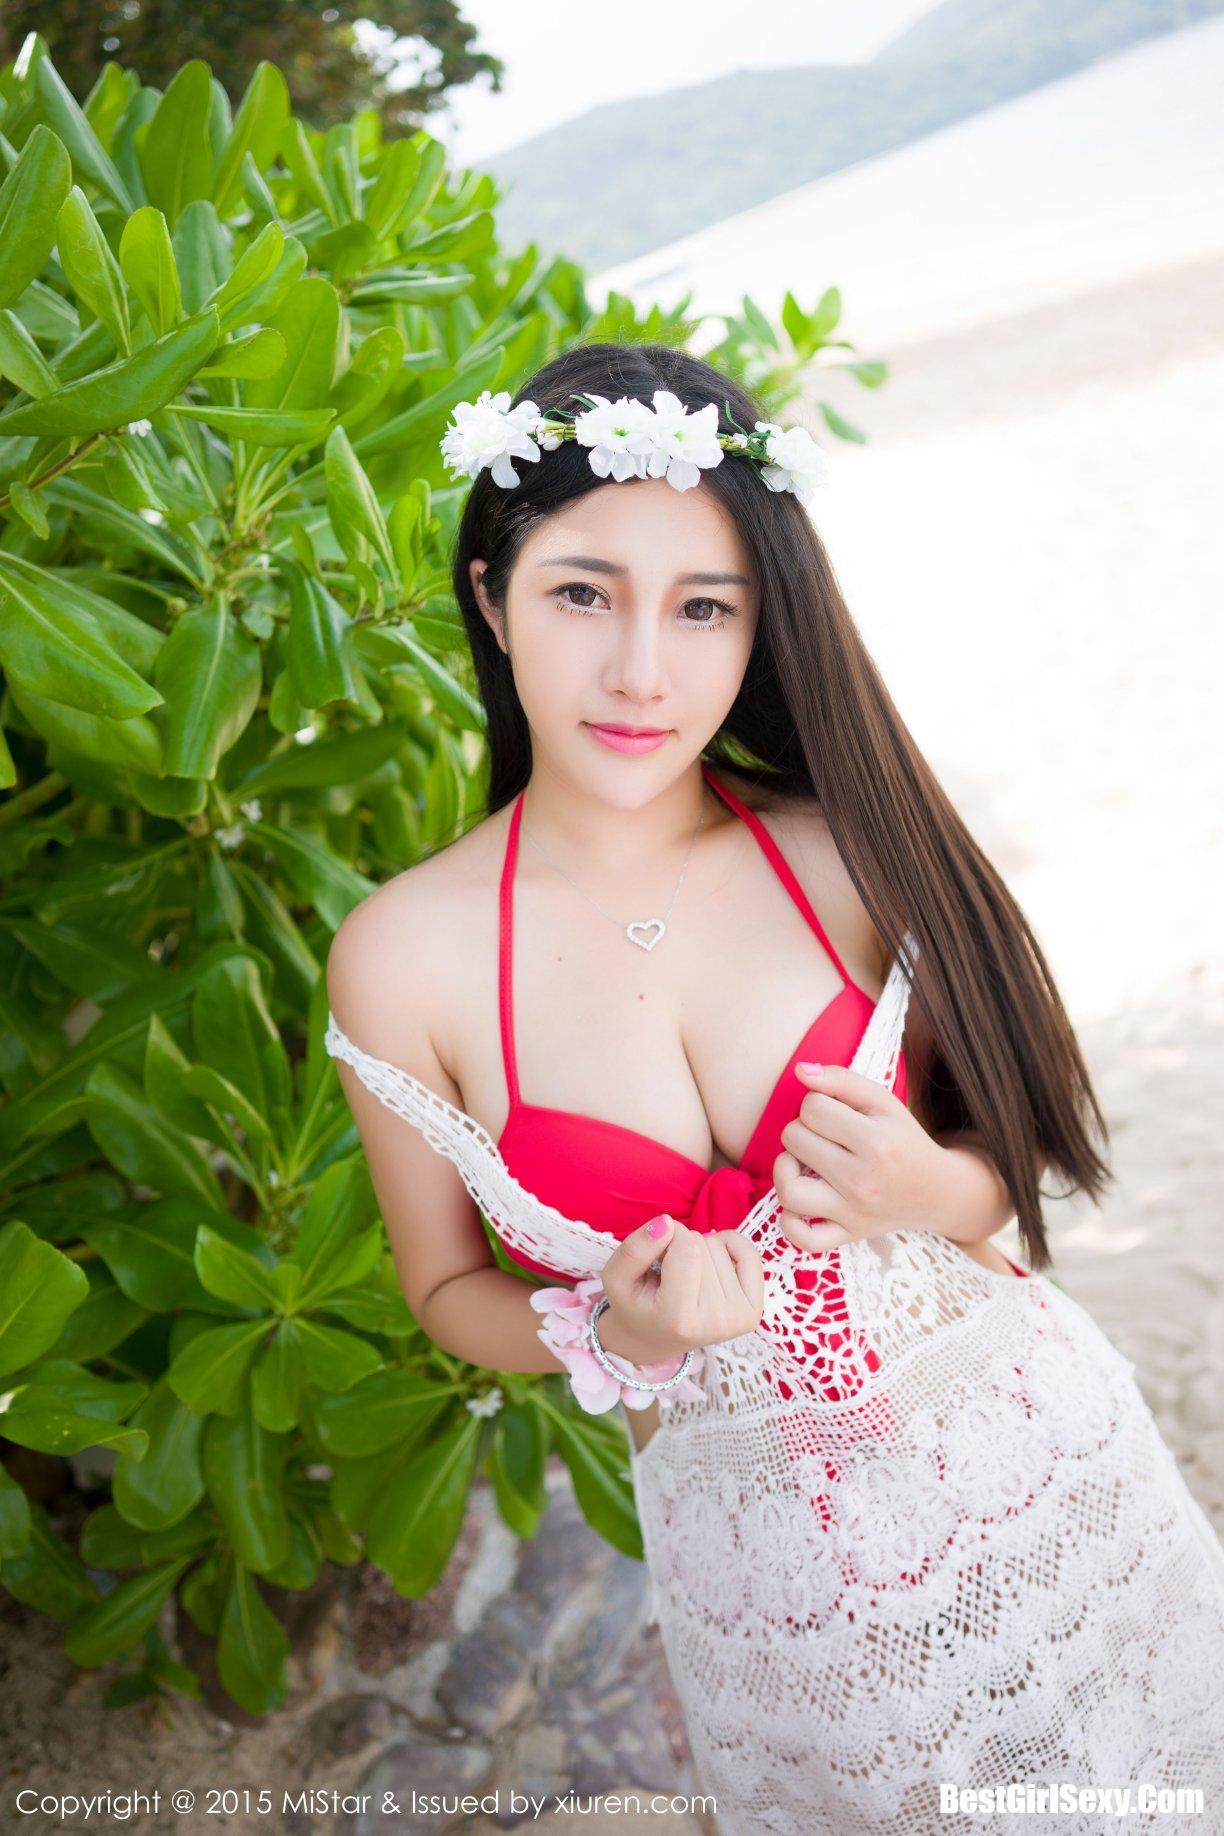 嘉嘉Tiffany-, MiStar魅妍社 Vol.038 Jia Jia Tiffany, MiStar魅妍社 Vol.038, Jia Jia Tiffany